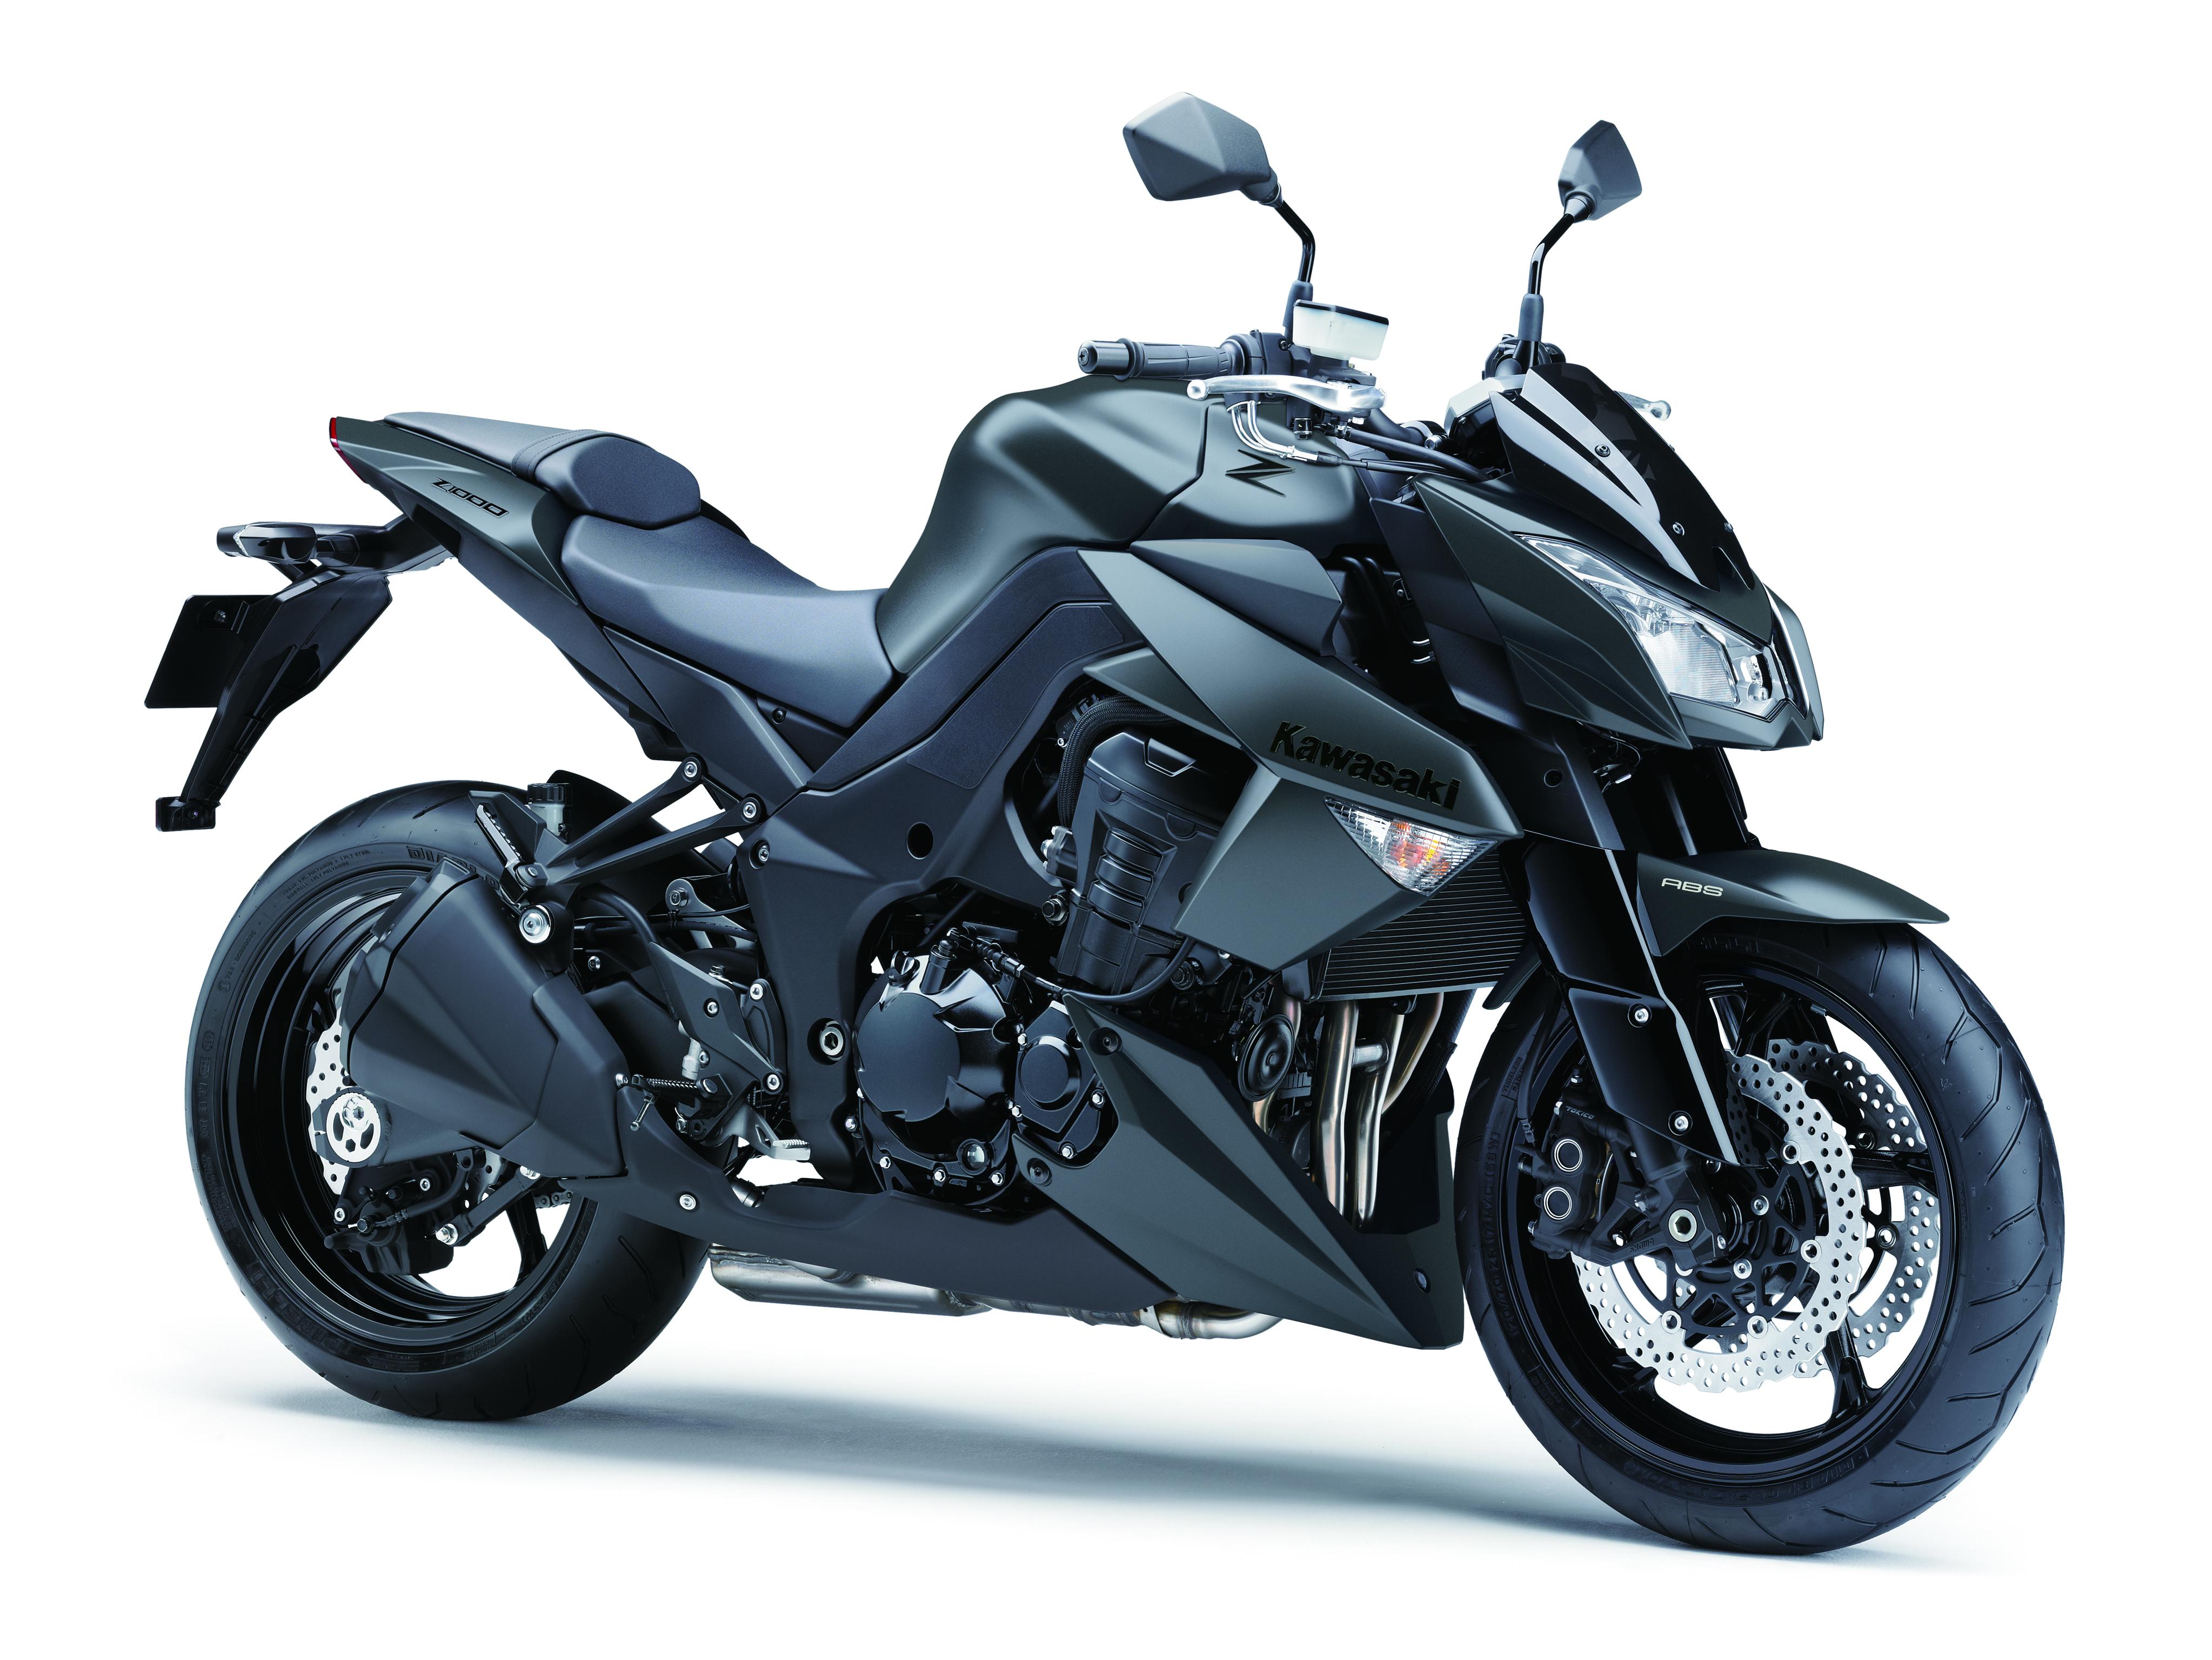 chairellbikes4life   Motorcycle, Motorcycle bike, Racing bikes